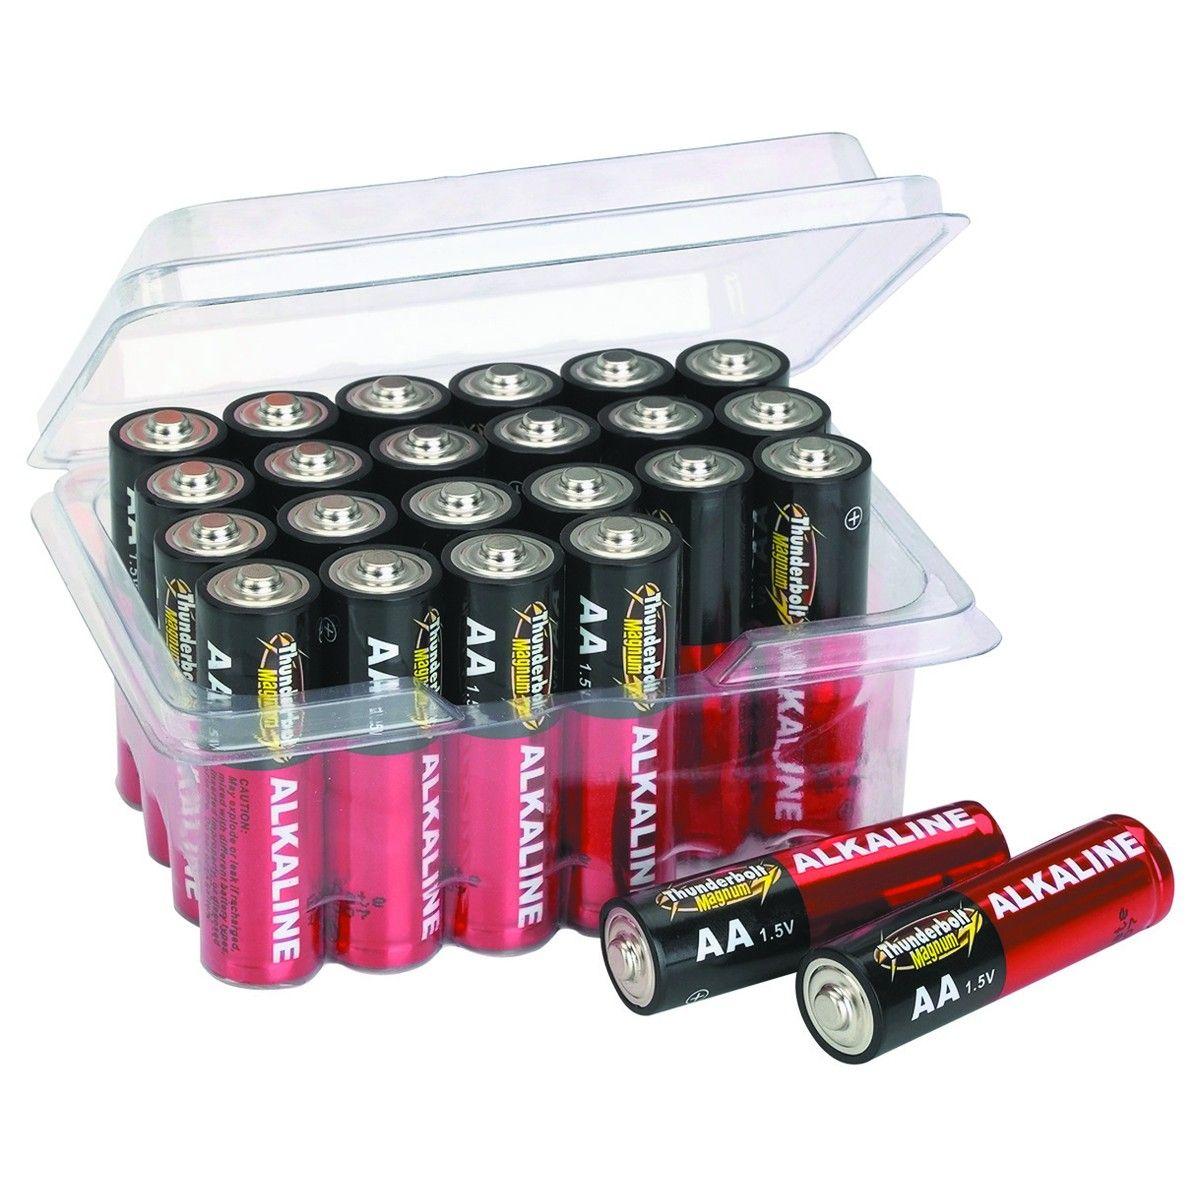 Aa Alkaline Batteries 24 Pk Alkaline Battery Tv Remote Controls Long Shelf